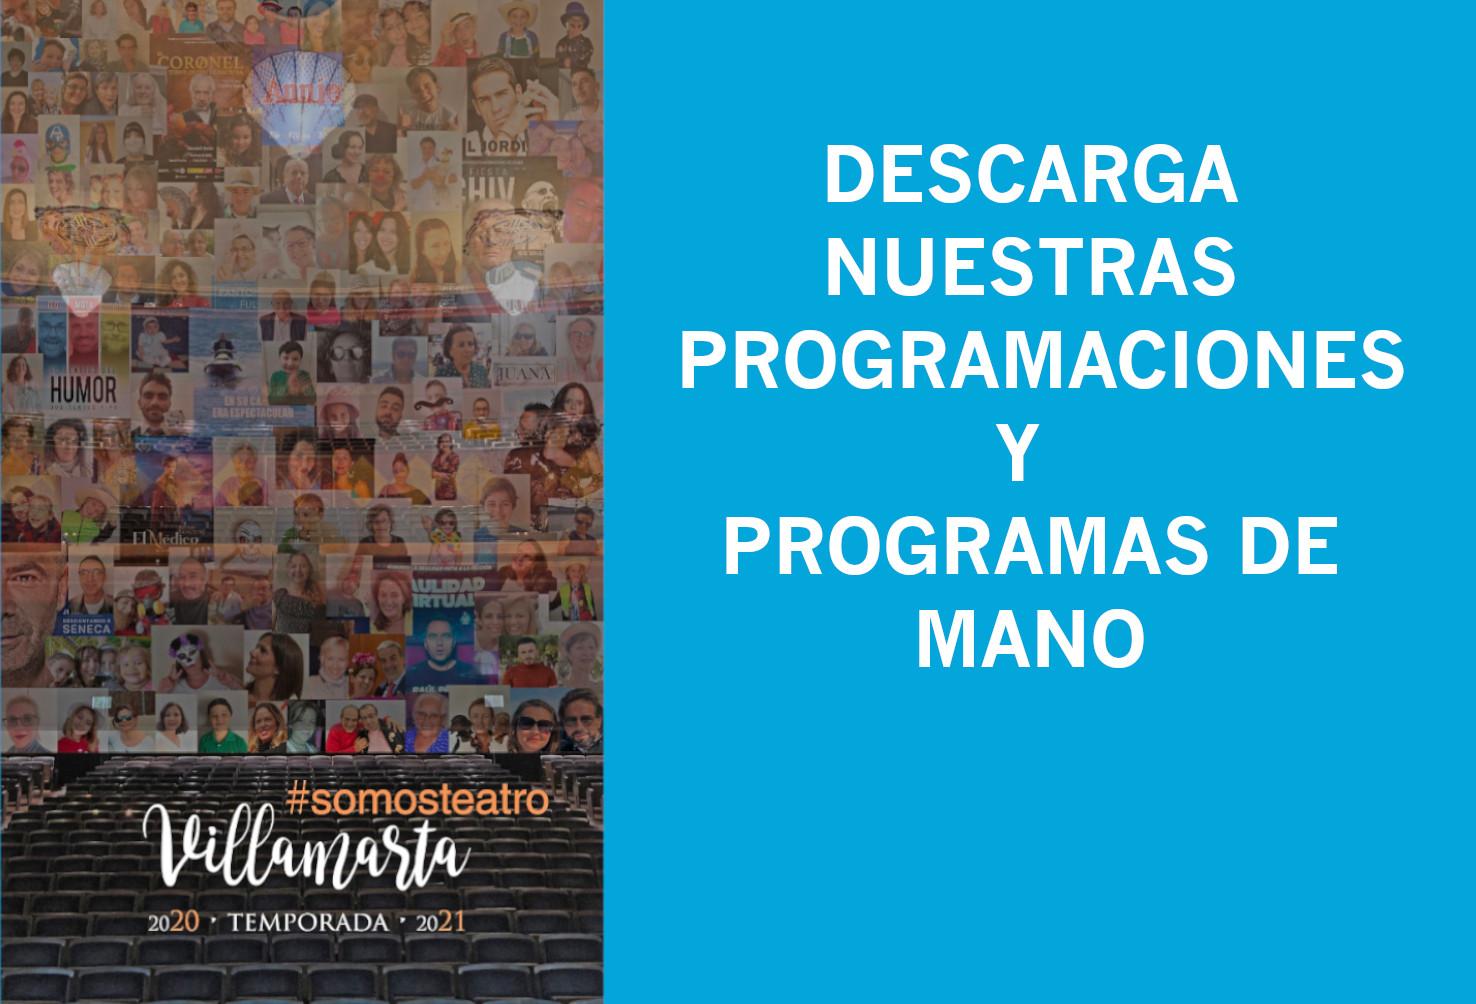 Descarga de programas